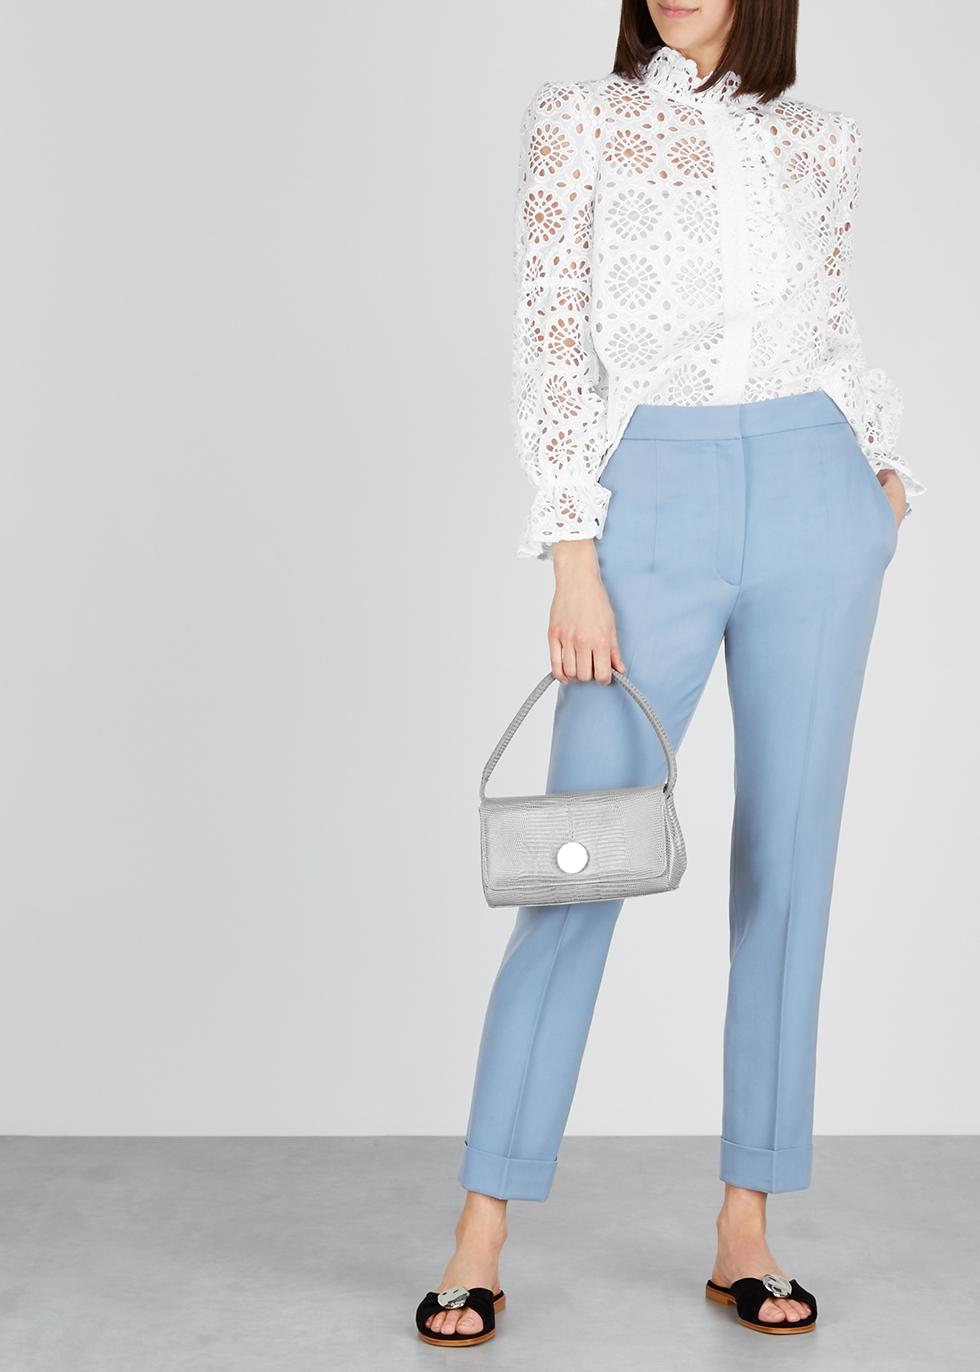 Rosalyn white broderie anglaise shirt - Diane von Furstenberg